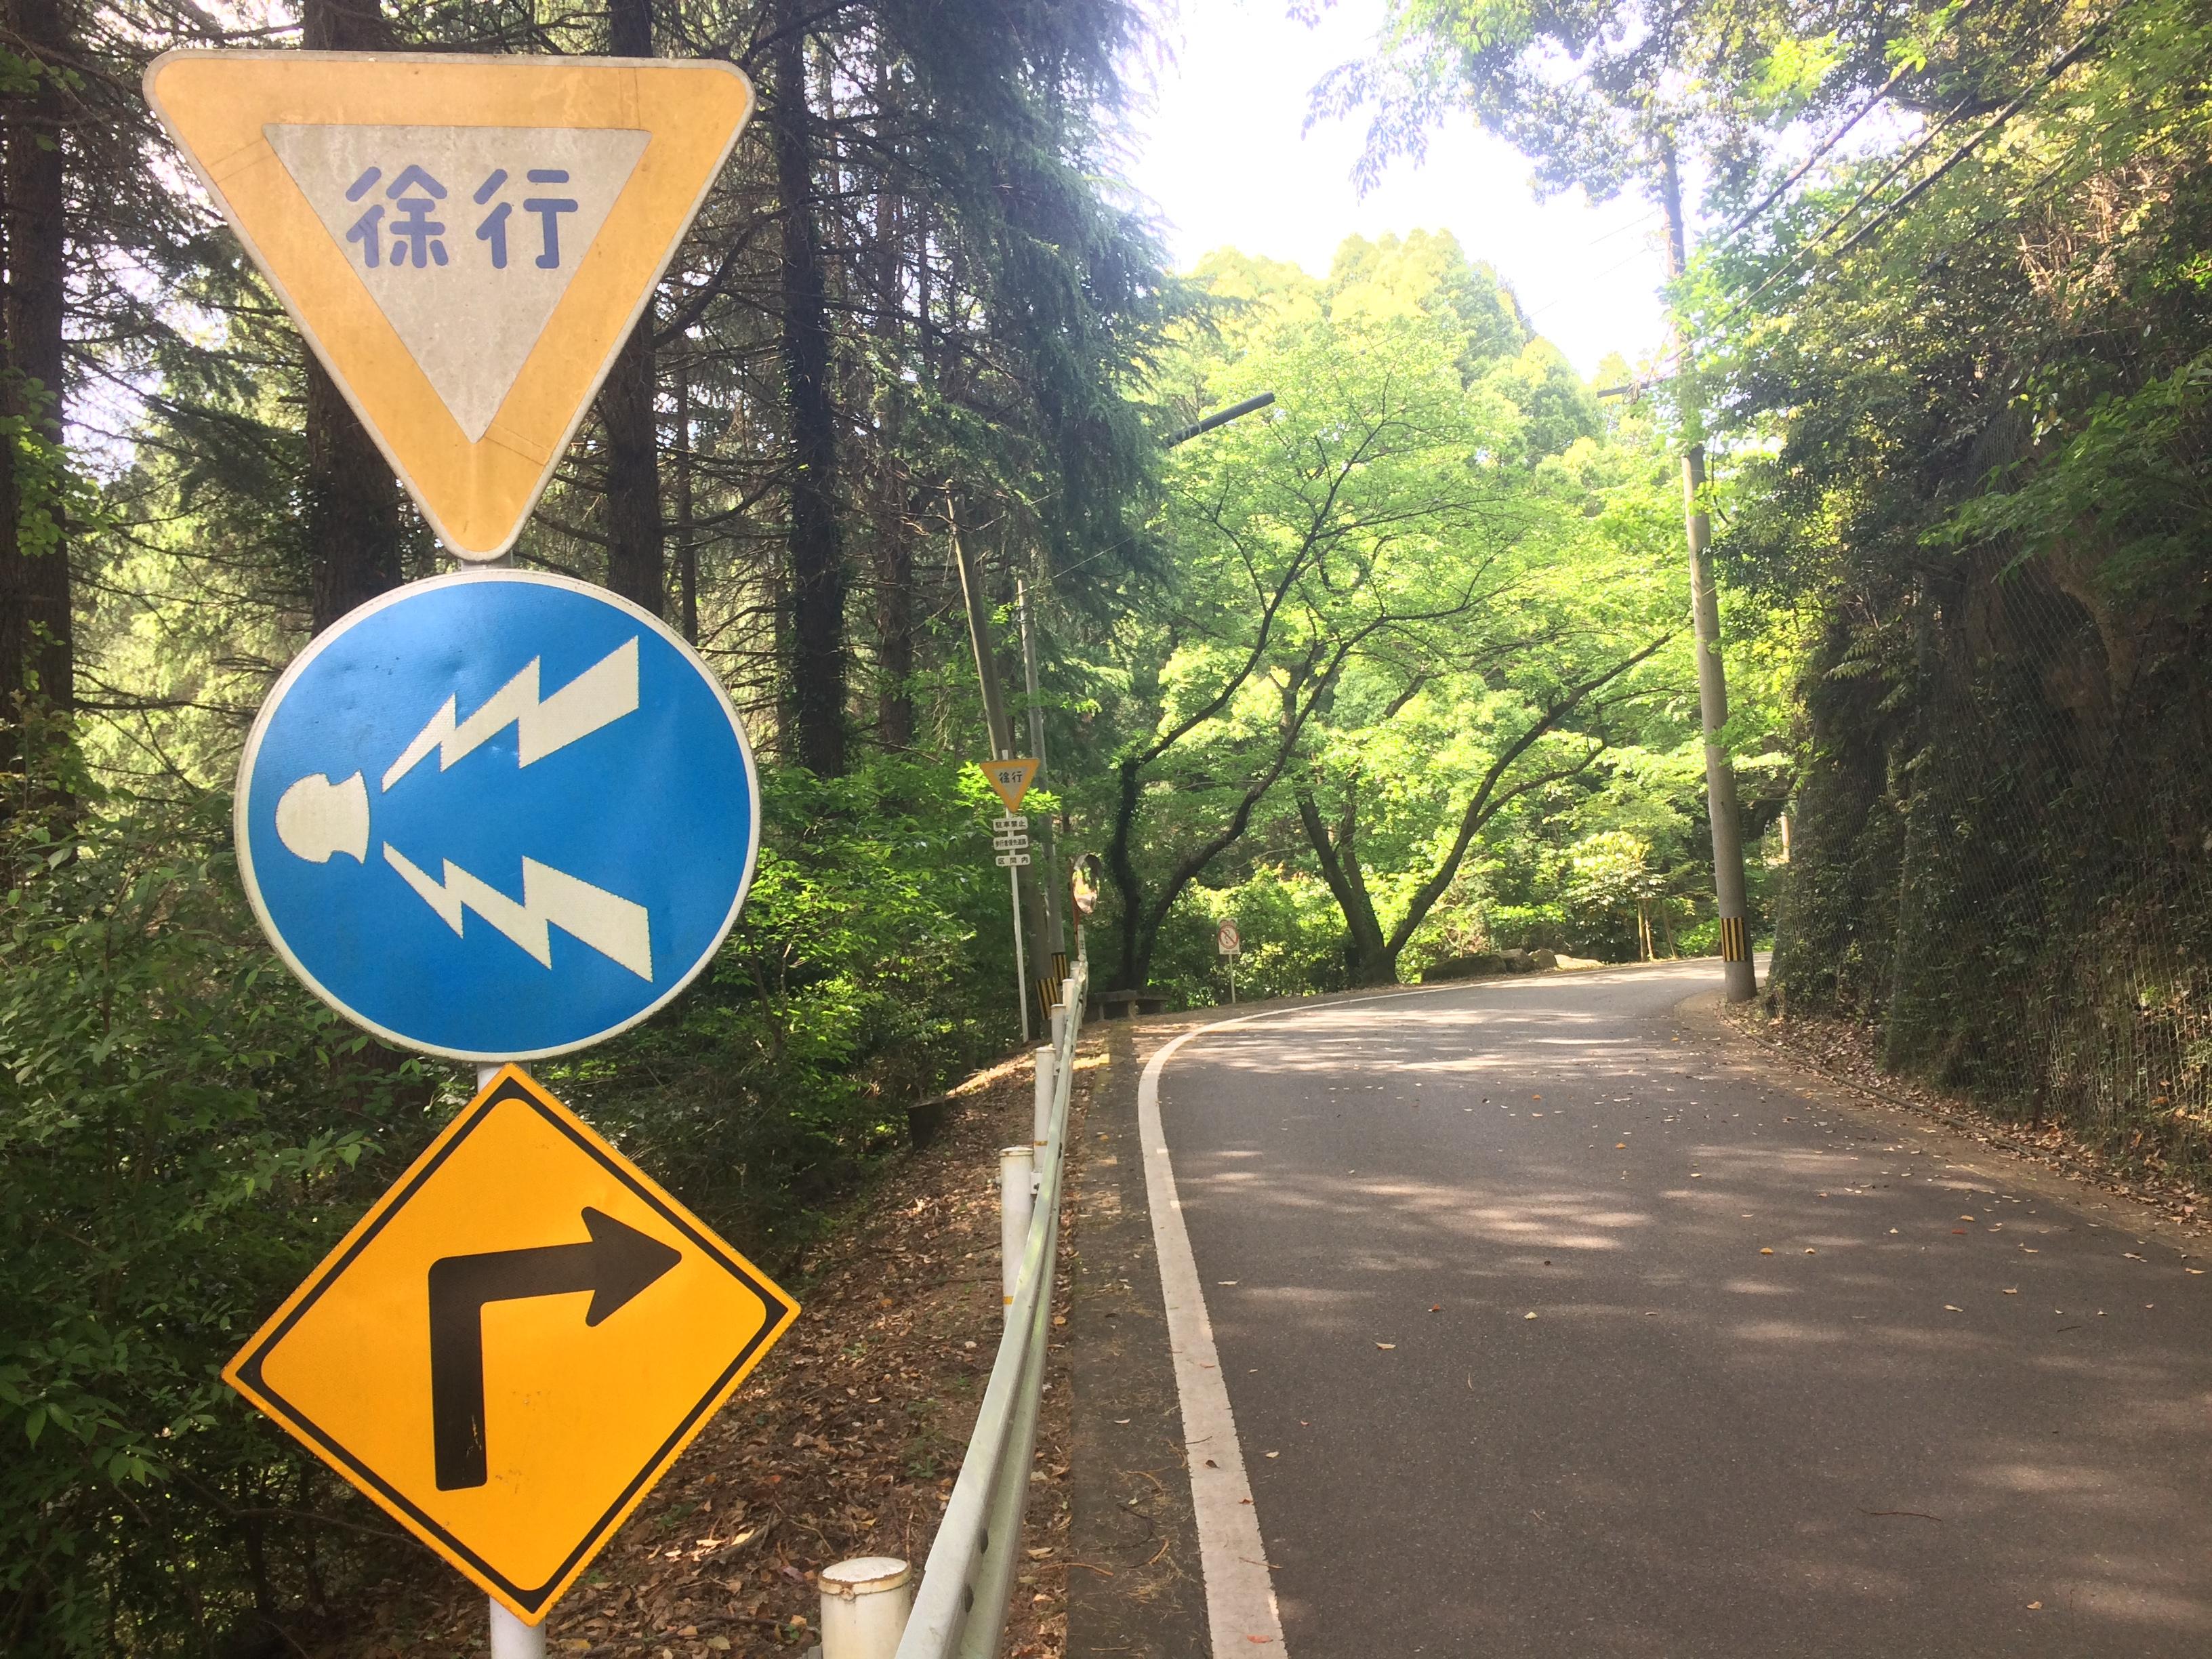 トレイルラン,油山,福岡,福岡市,福岡県,堤小,トレラン,ランニング,マラソン,フルマラソン,run,